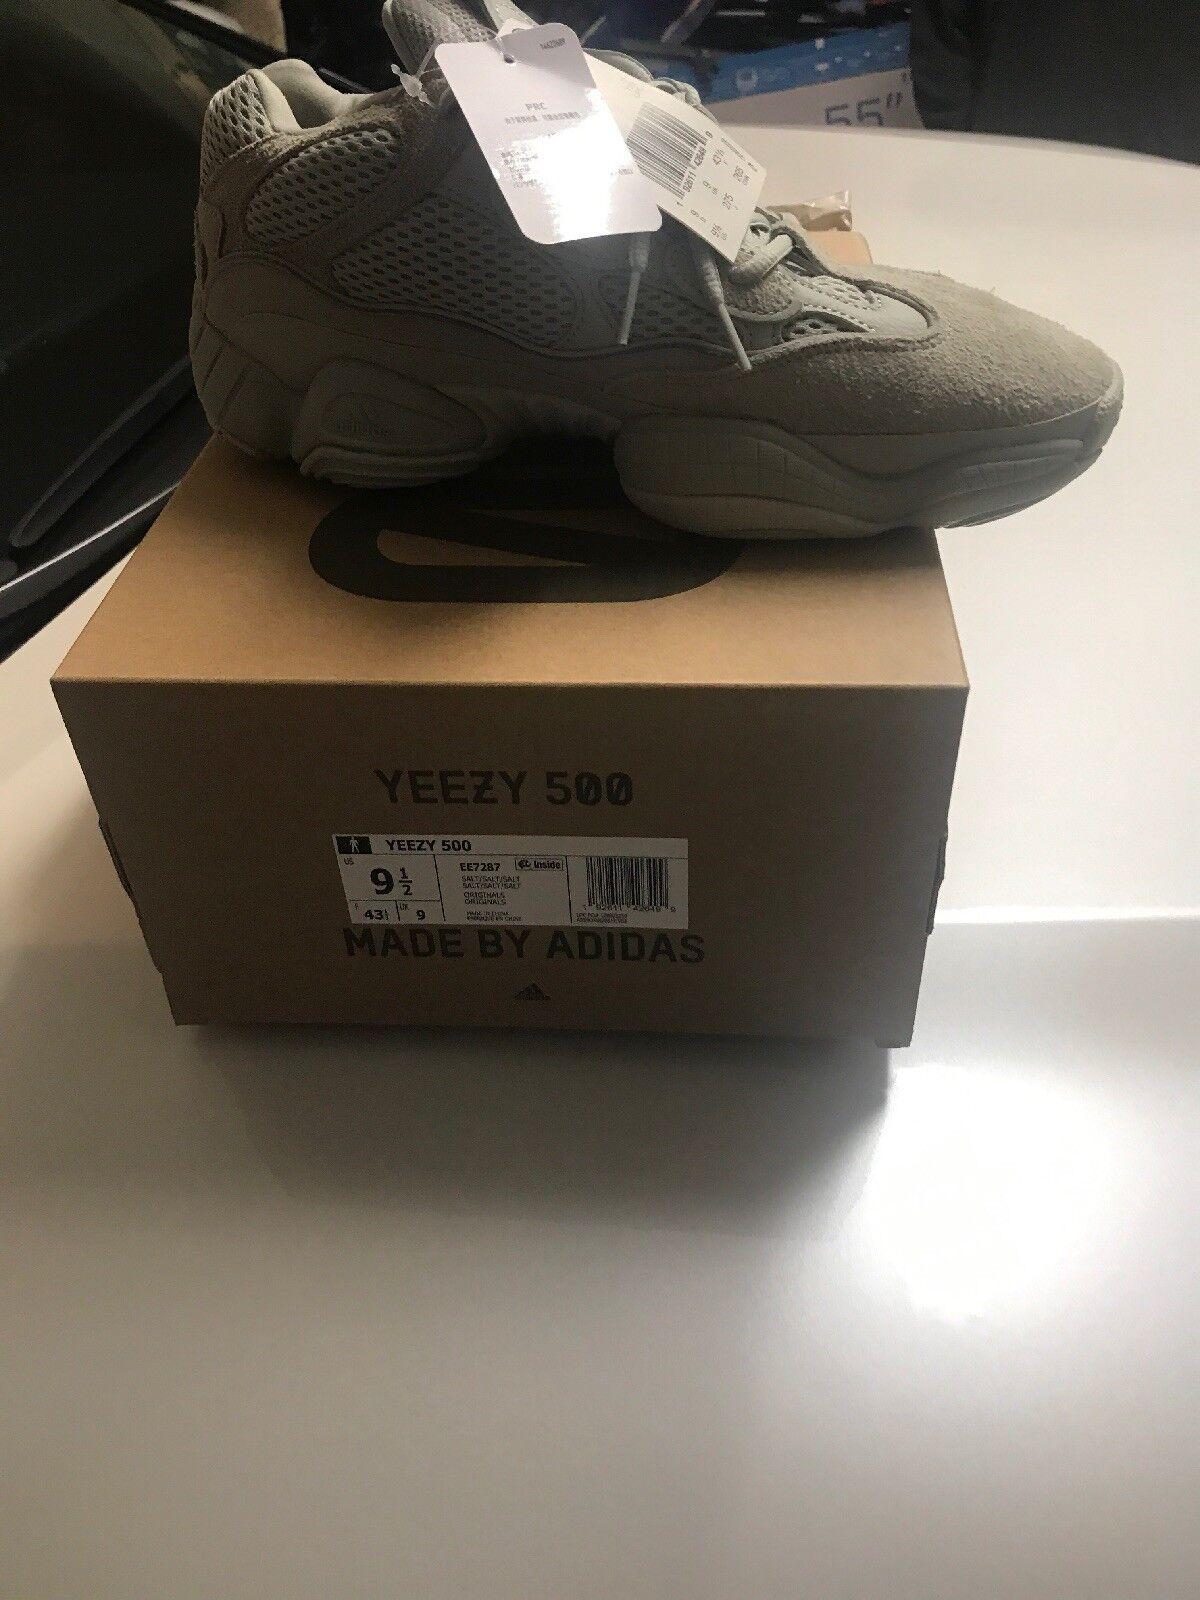 Adidas Yeezy Boost 500 Salt EE7287 EE7287 EE7287 Men's Size 9.5 Deadstock In Hand 3945c2